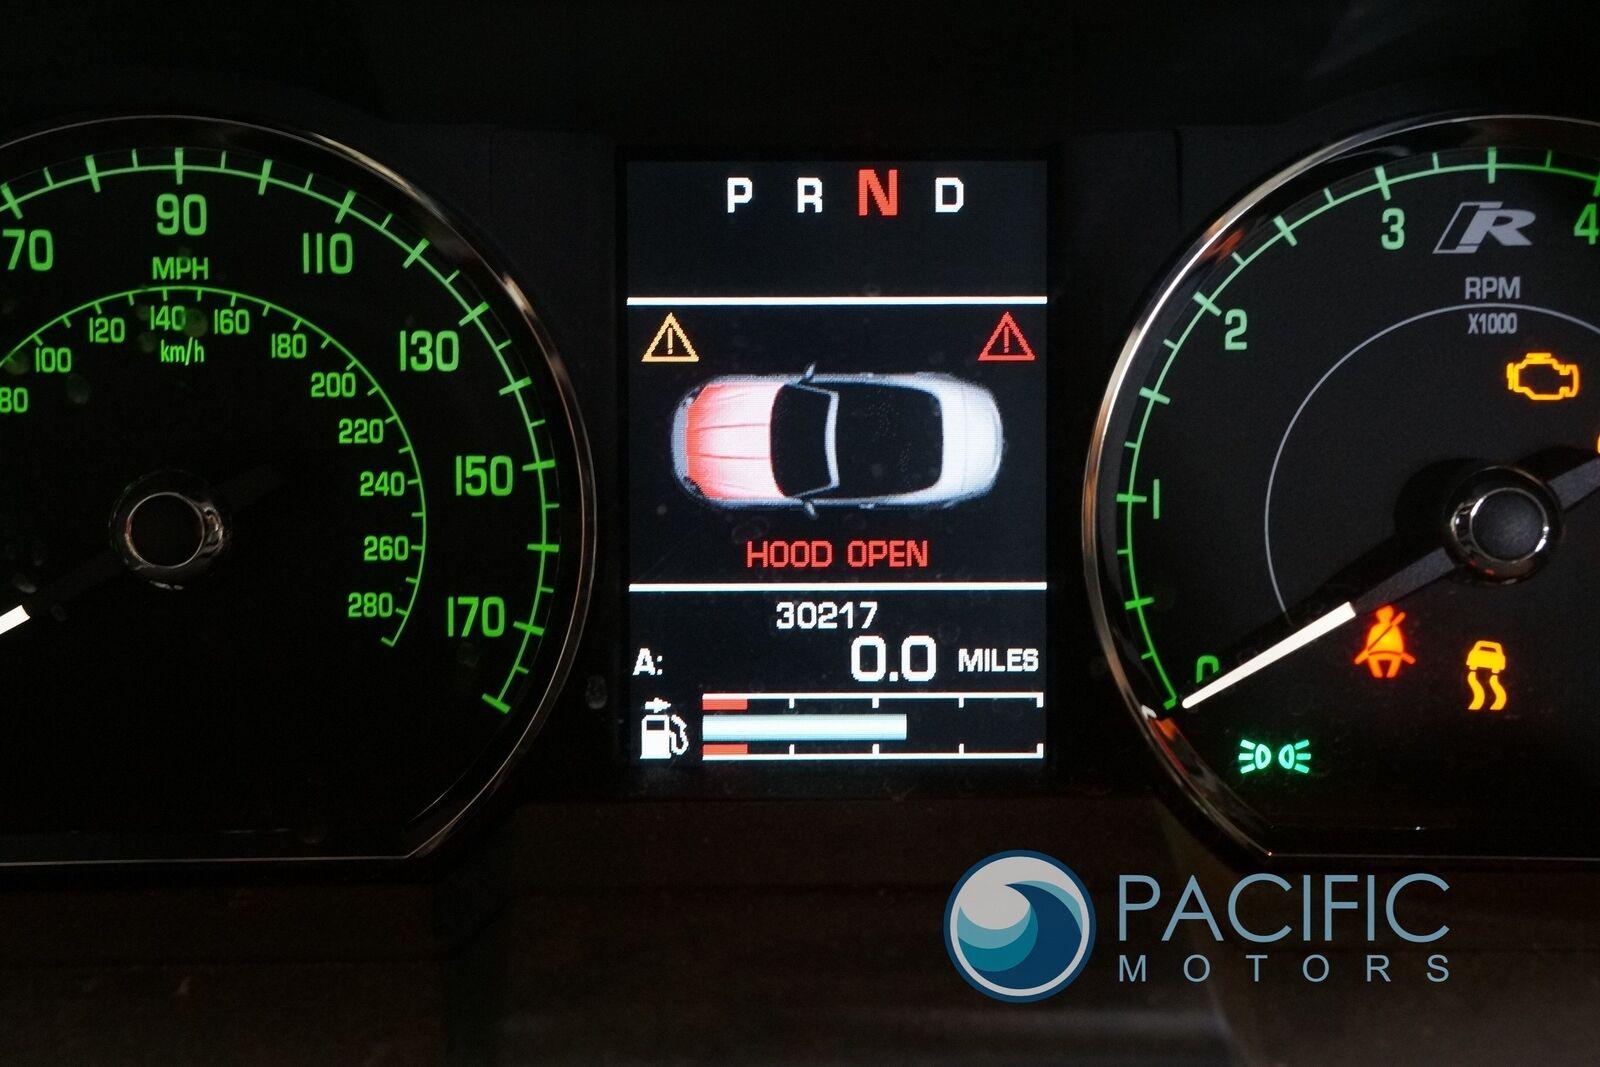 DVD Navigation GPS Disc Drive Player C2P22891 Jaguar XK XF 2007-15